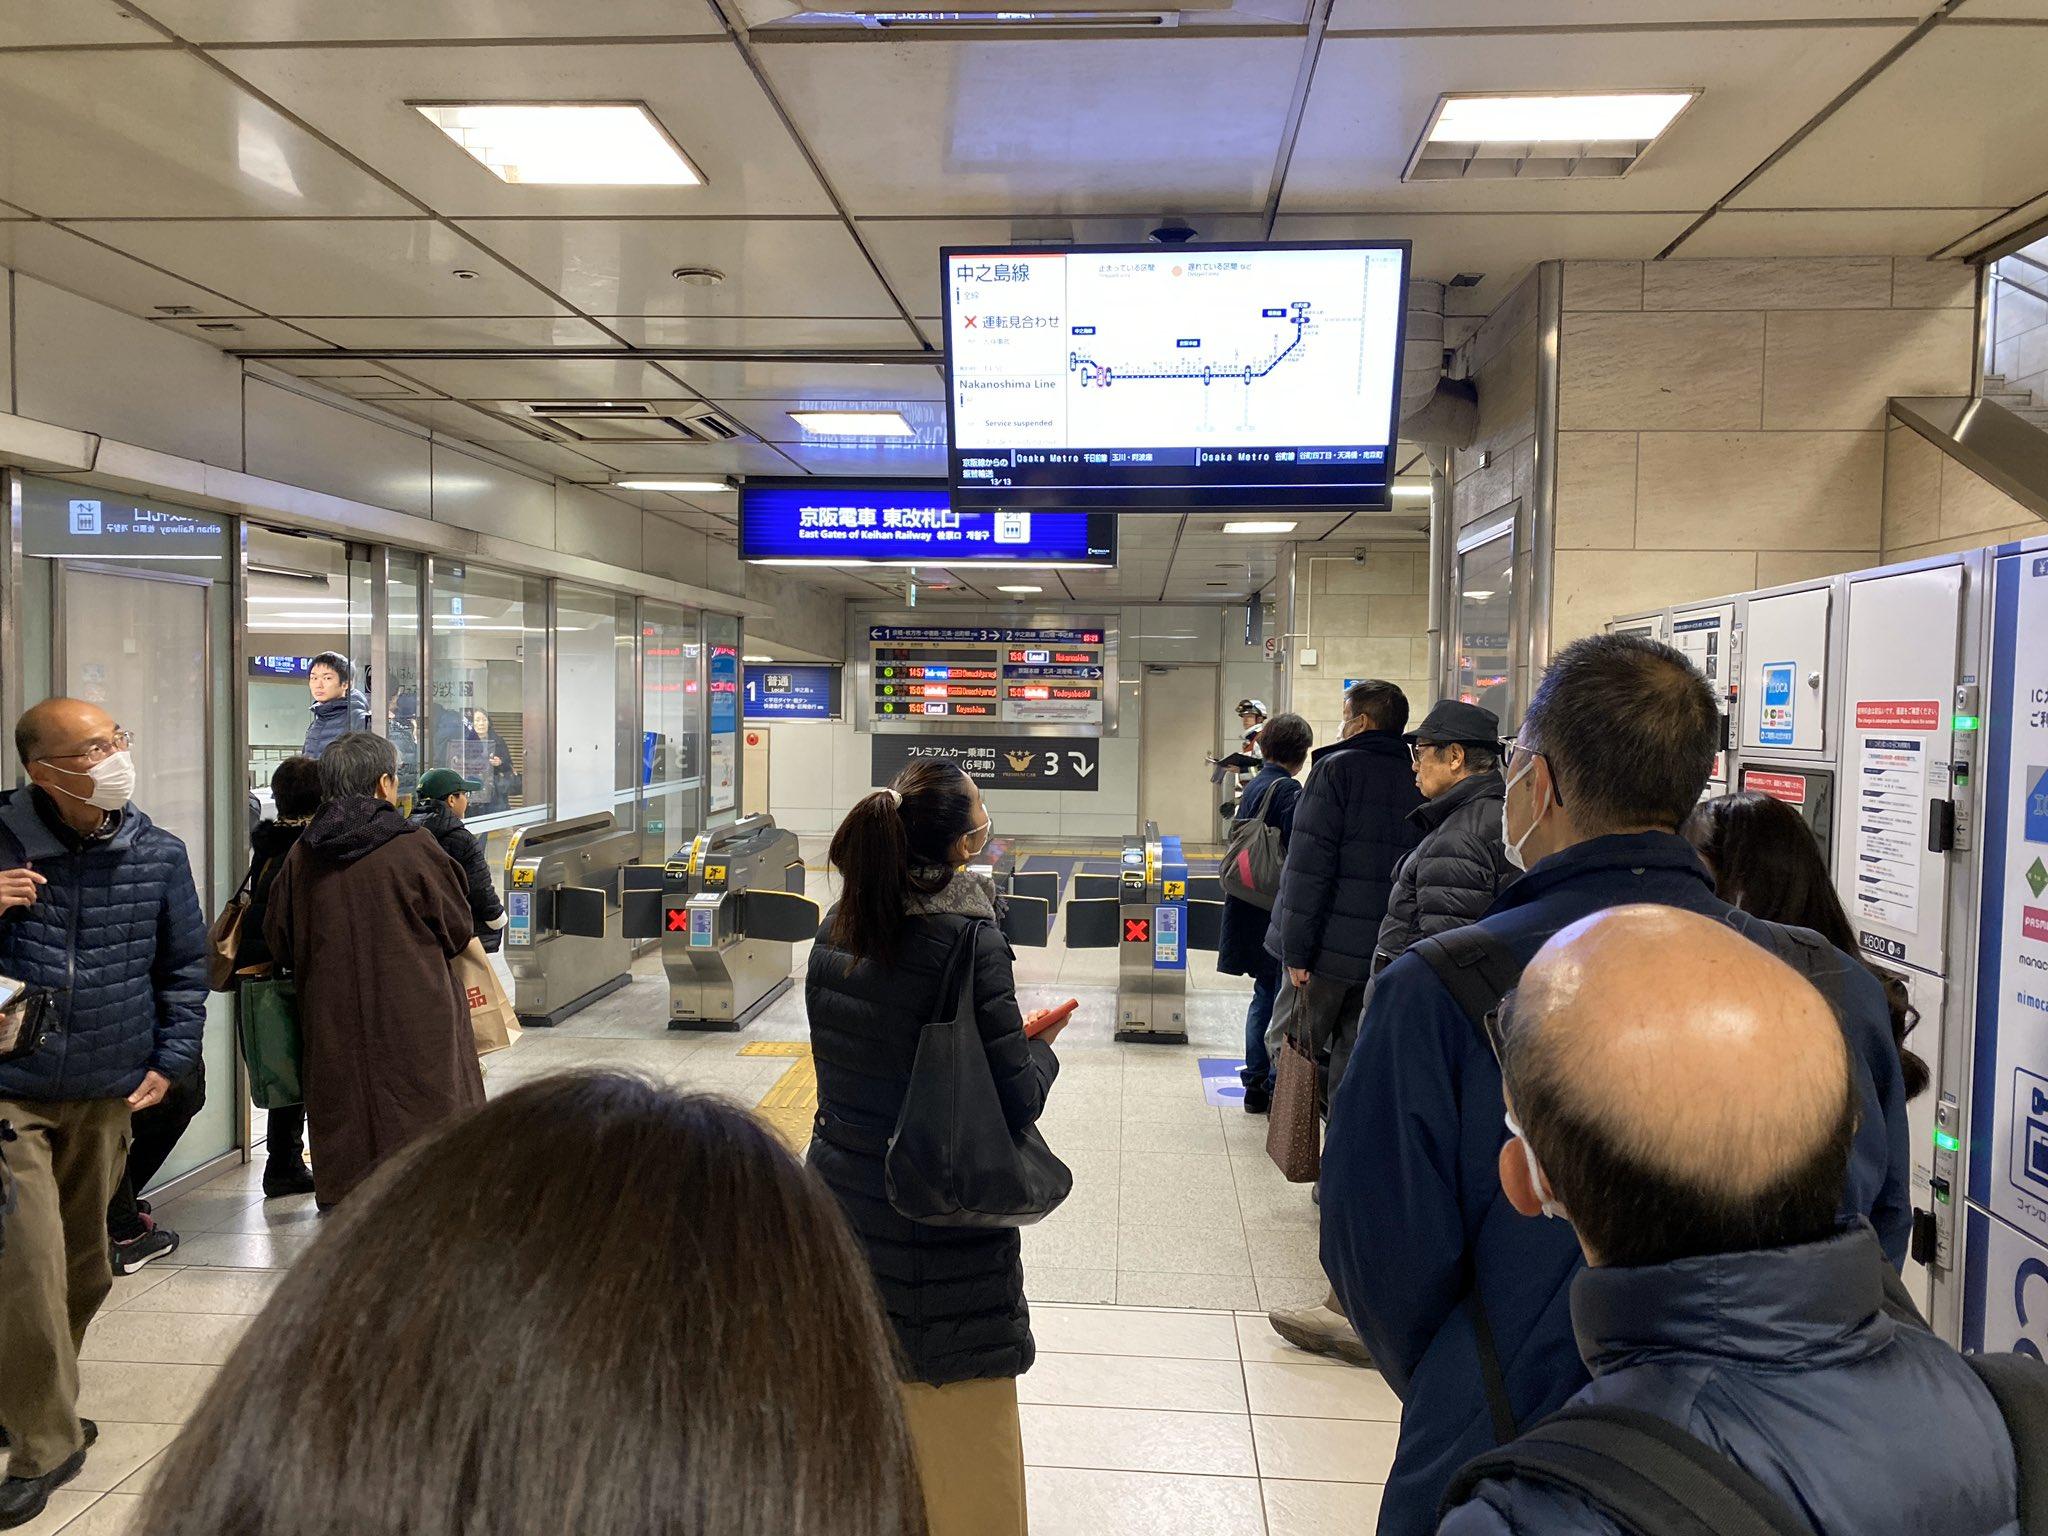 画像,京阪天満橋駅なう人身事故で運休中#散歩 https://t.co/qZuxqEHtNa。